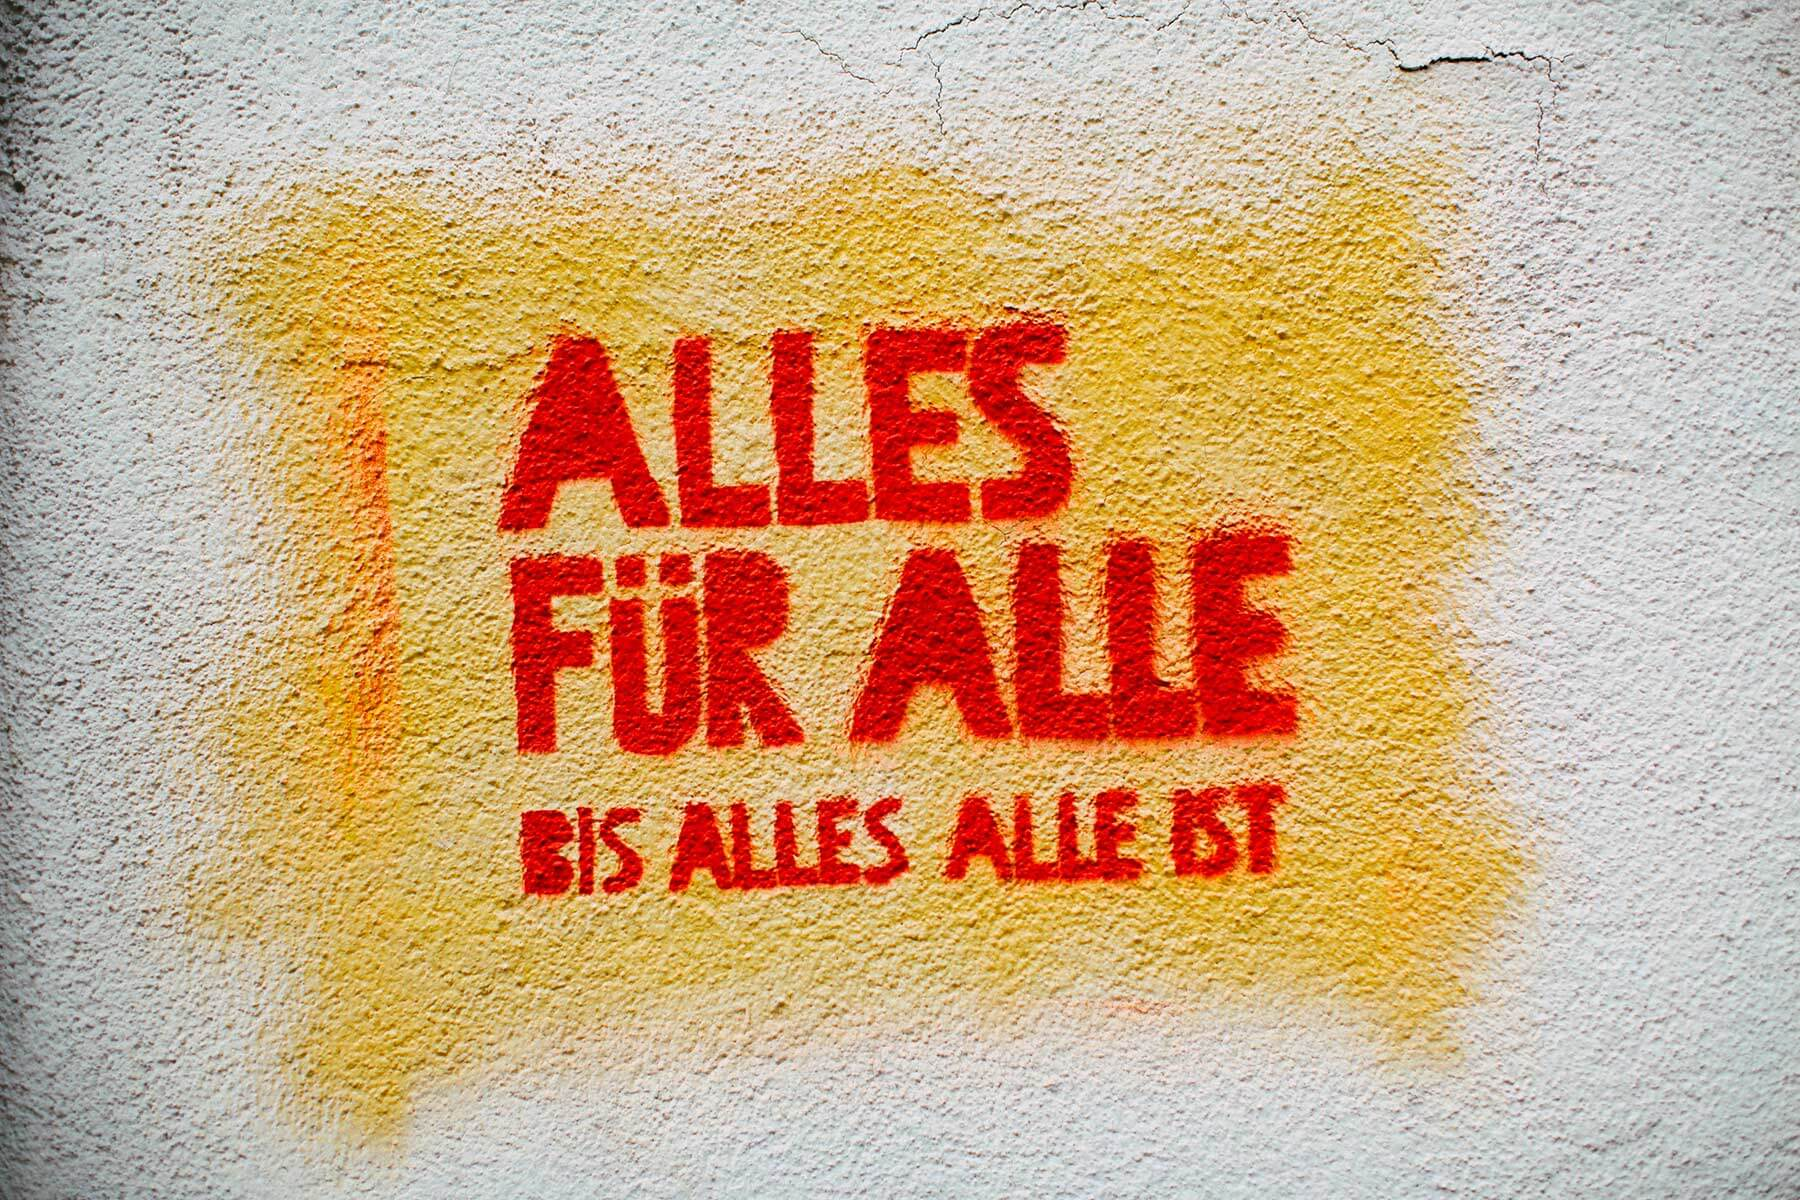 Bilderparade DLXXVI LangweileDich.net_Bilderparade_DLXXVI_54